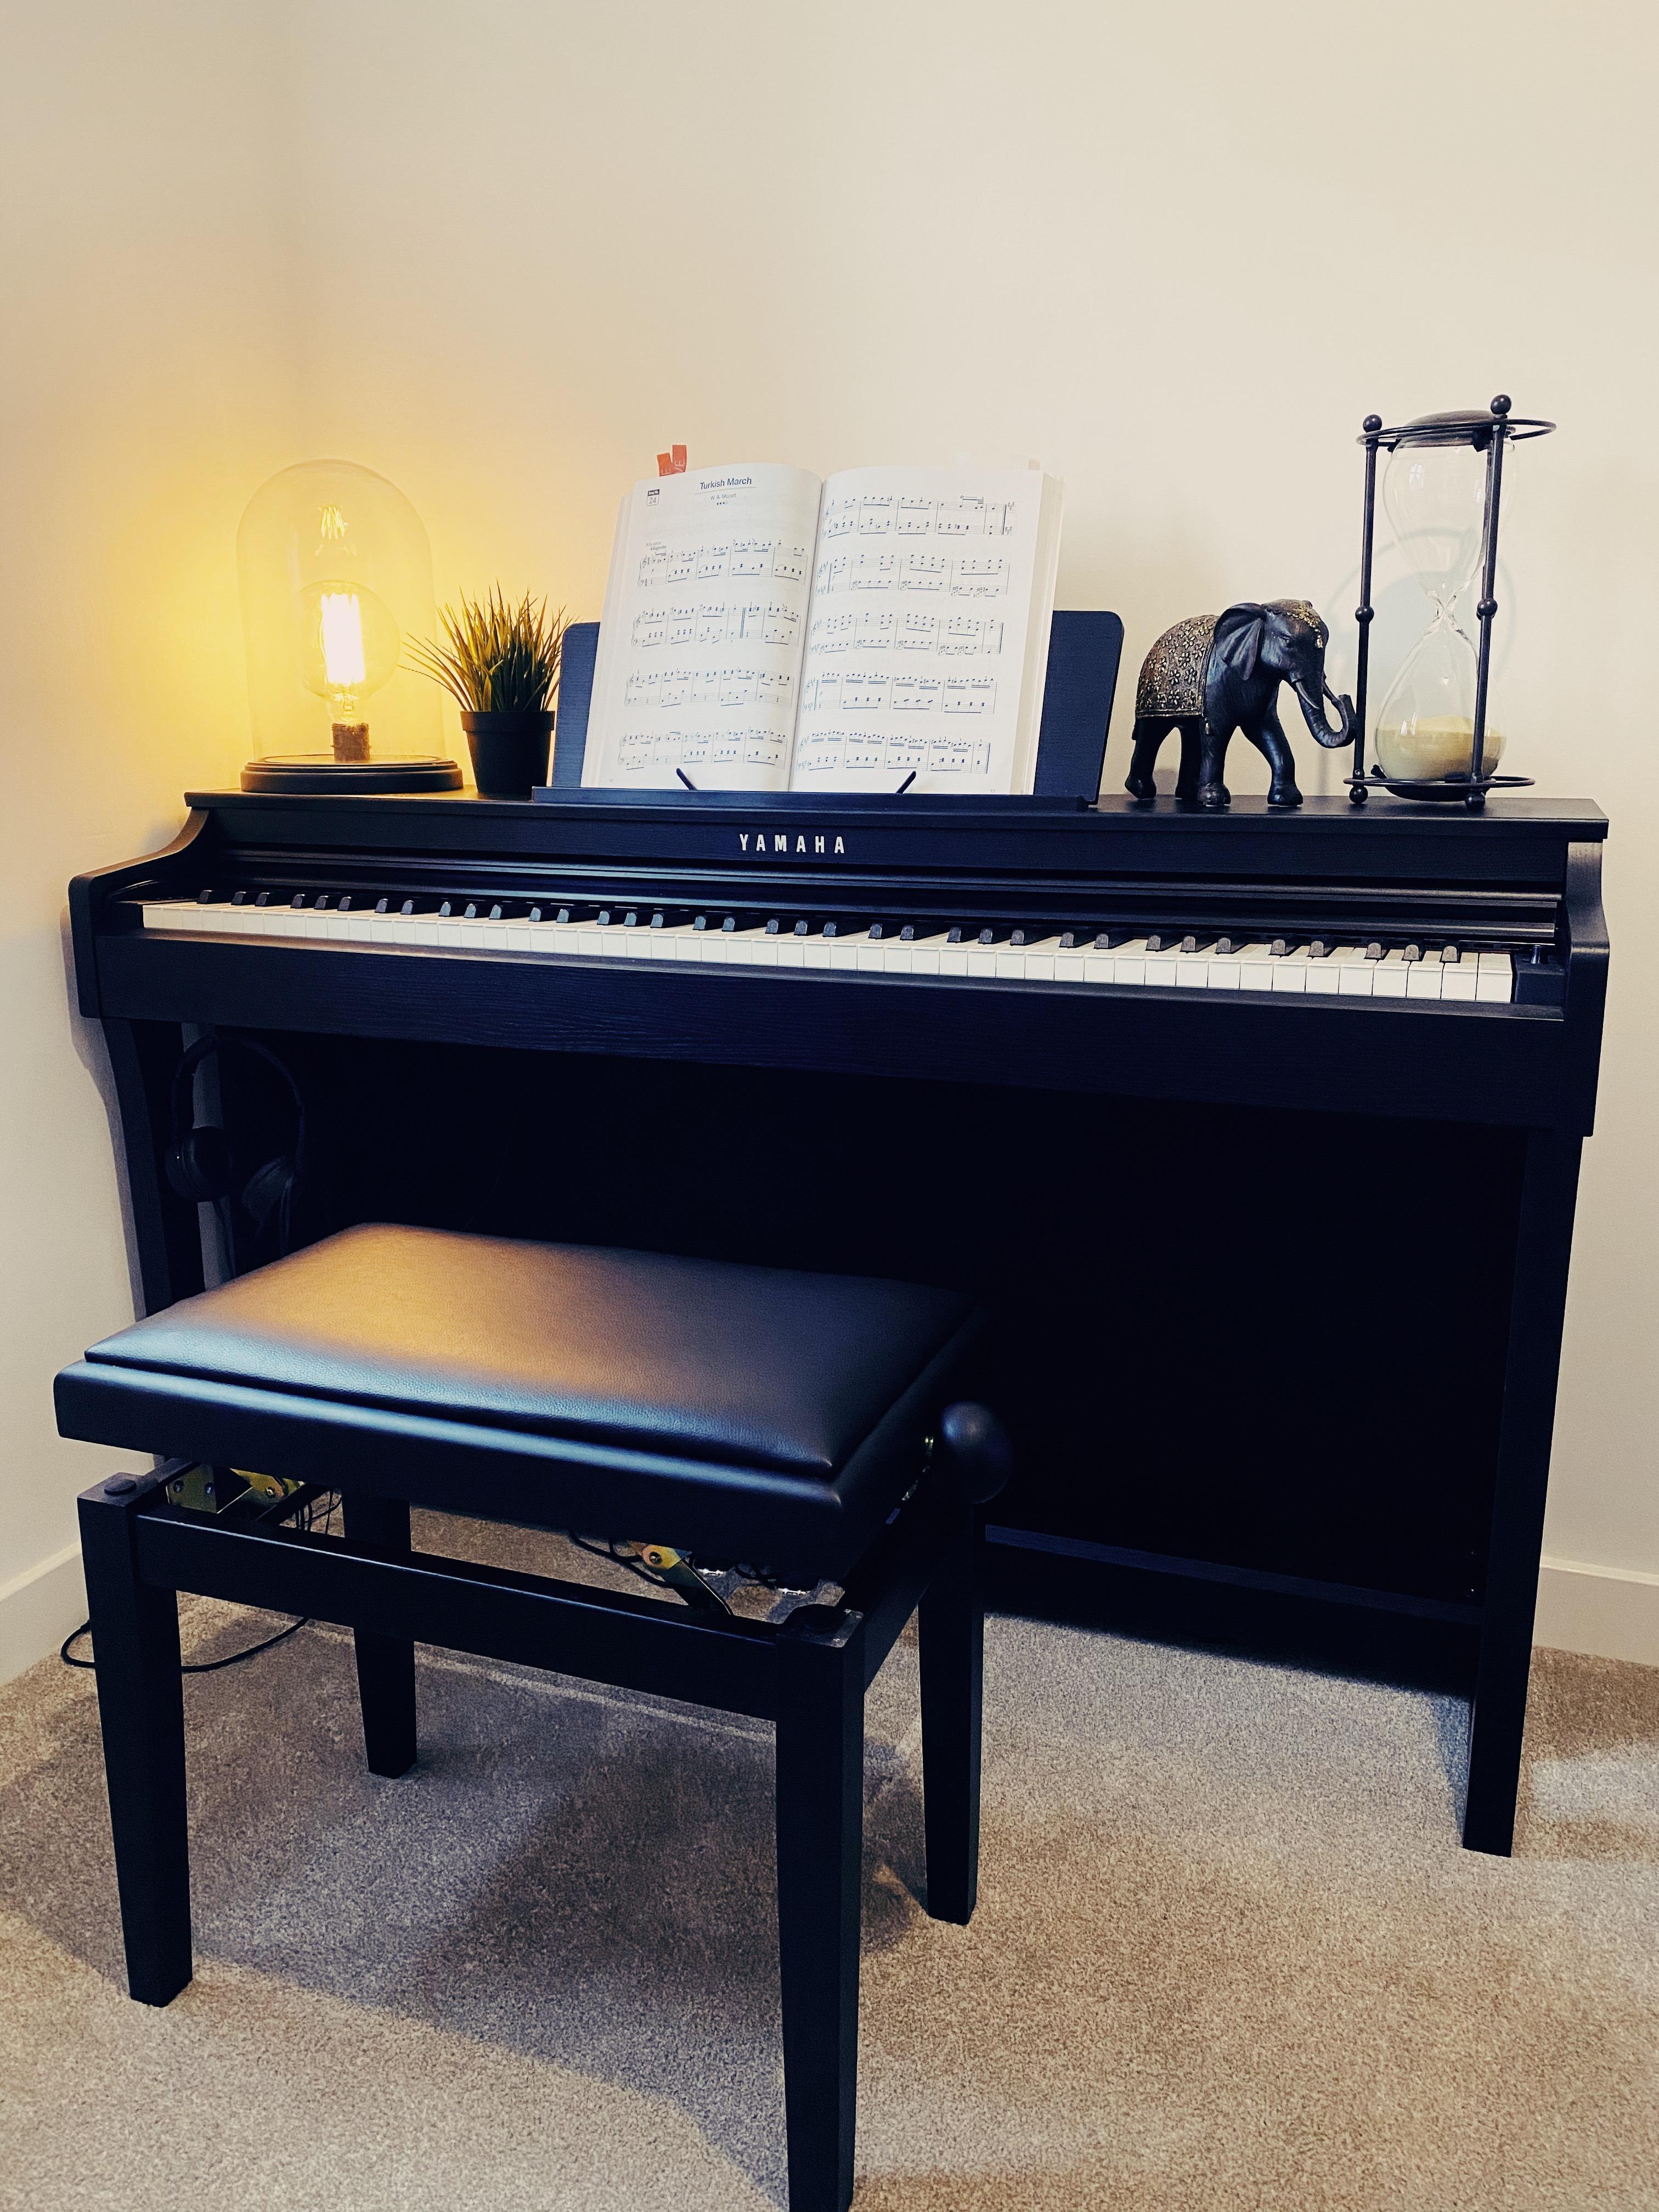 yamaha clp625 piano update